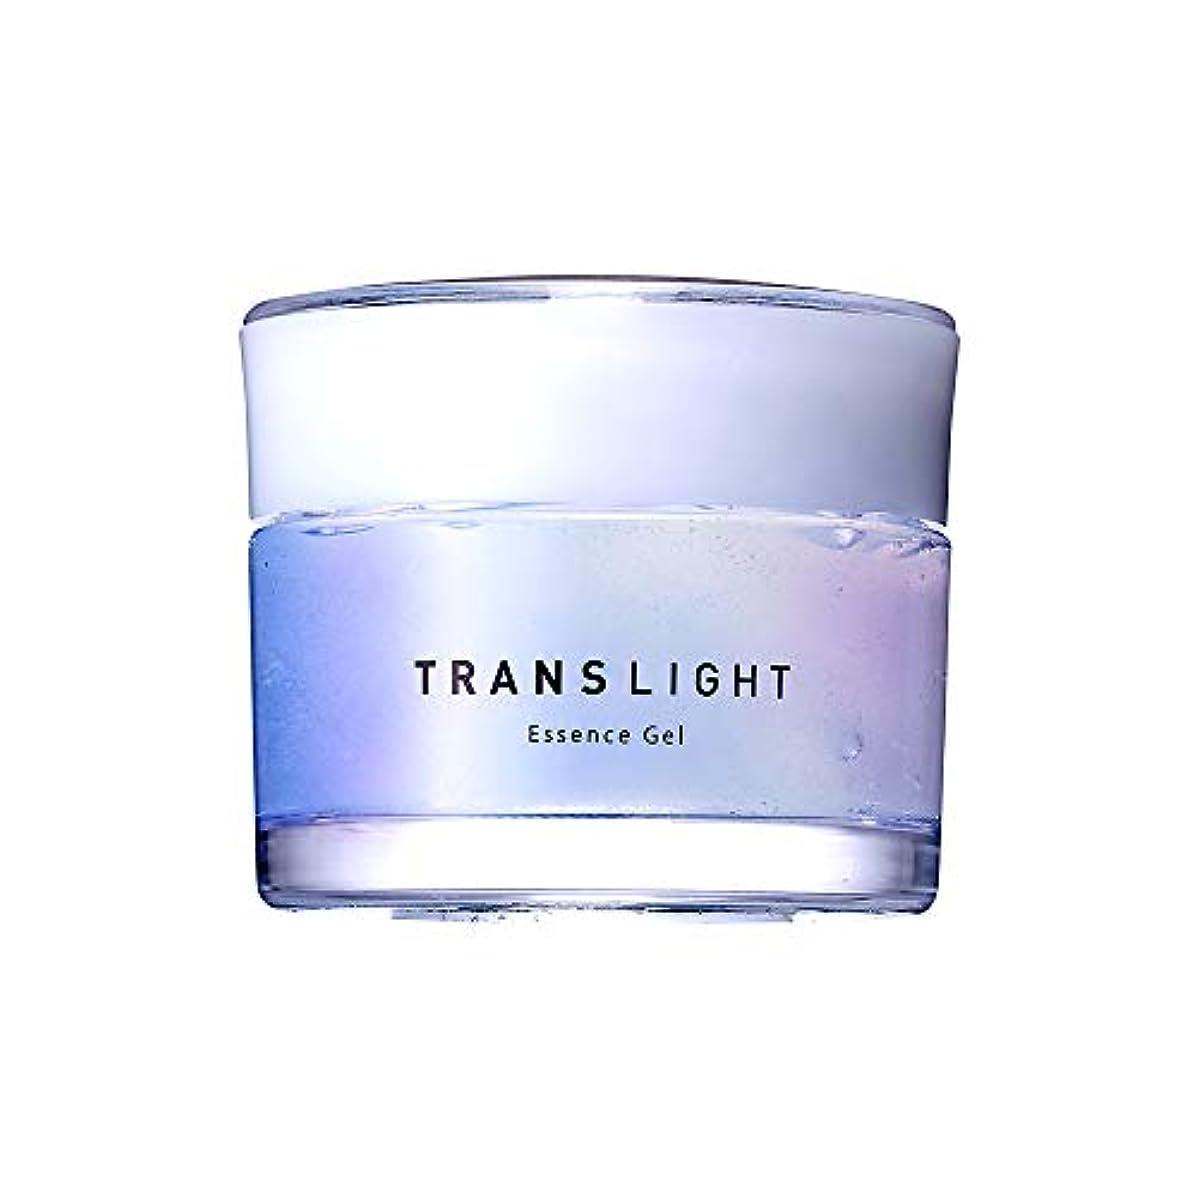 プログラム設置みすぼらしいTRANSLIGHT トランスライト エッセンスジェル <ジェル状美容液> 30g